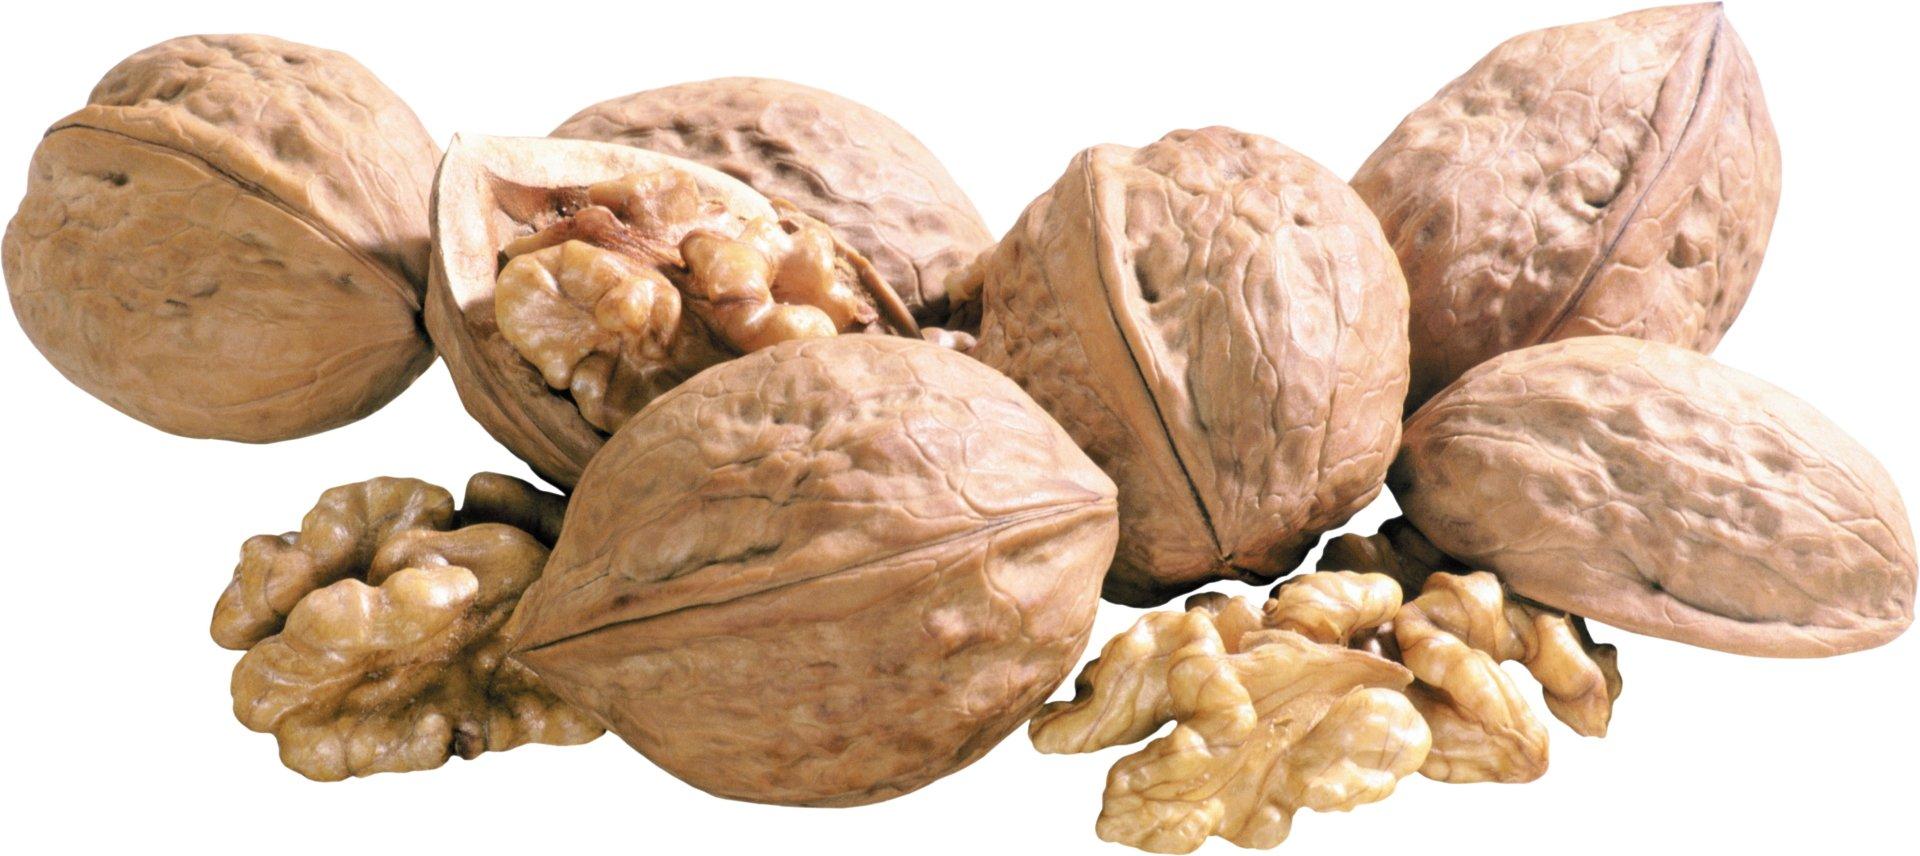 walnut computer wallpapers desktop backgrounds